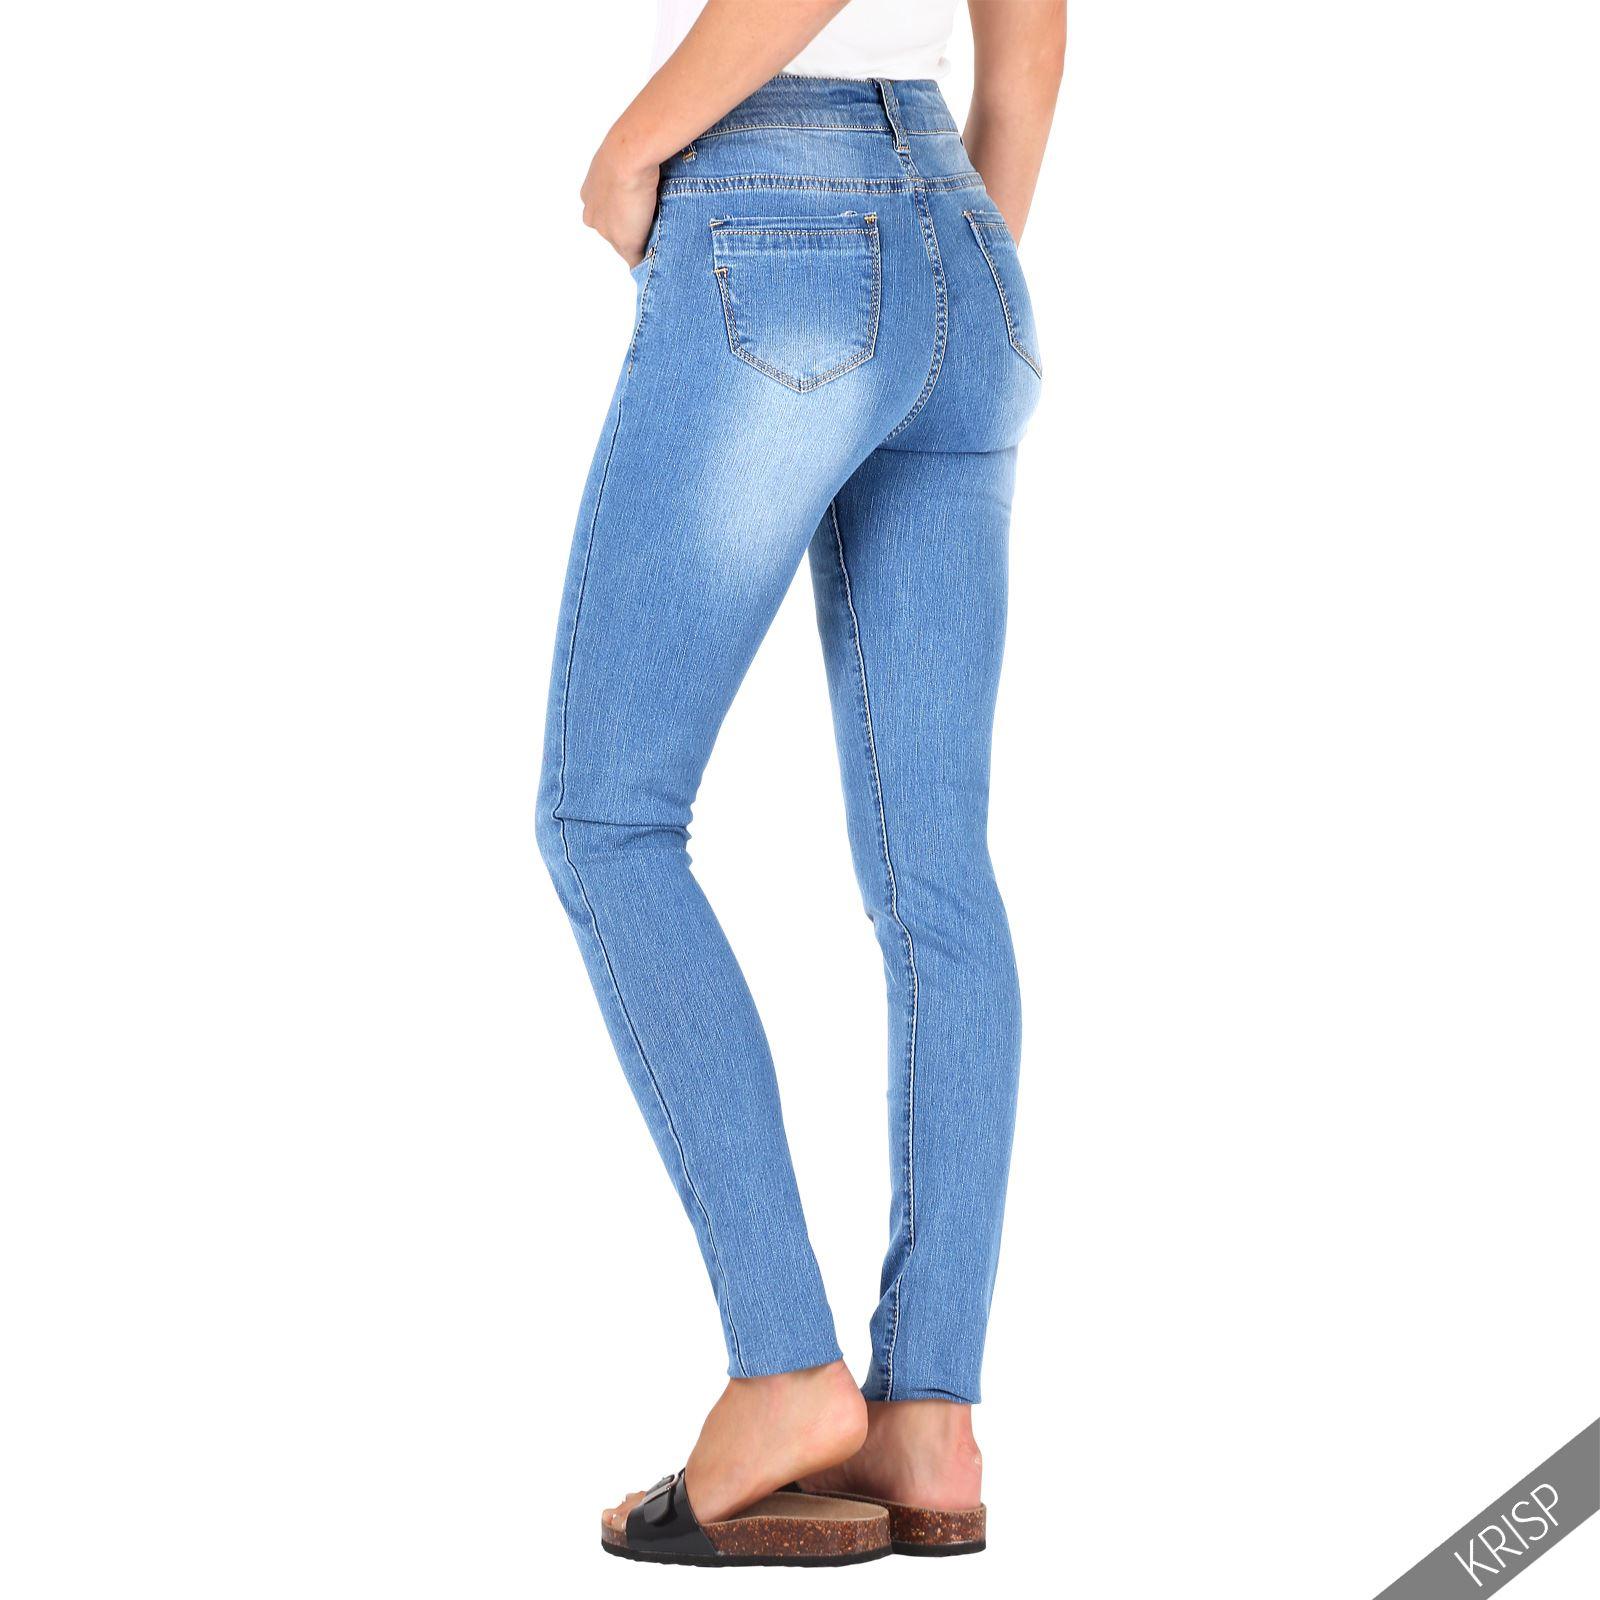 damen frauen helle slim fit jeans mit waschung ausgewaschene skinny stretch hose ebay. Black Bedroom Furniture Sets. Home Design Ideas